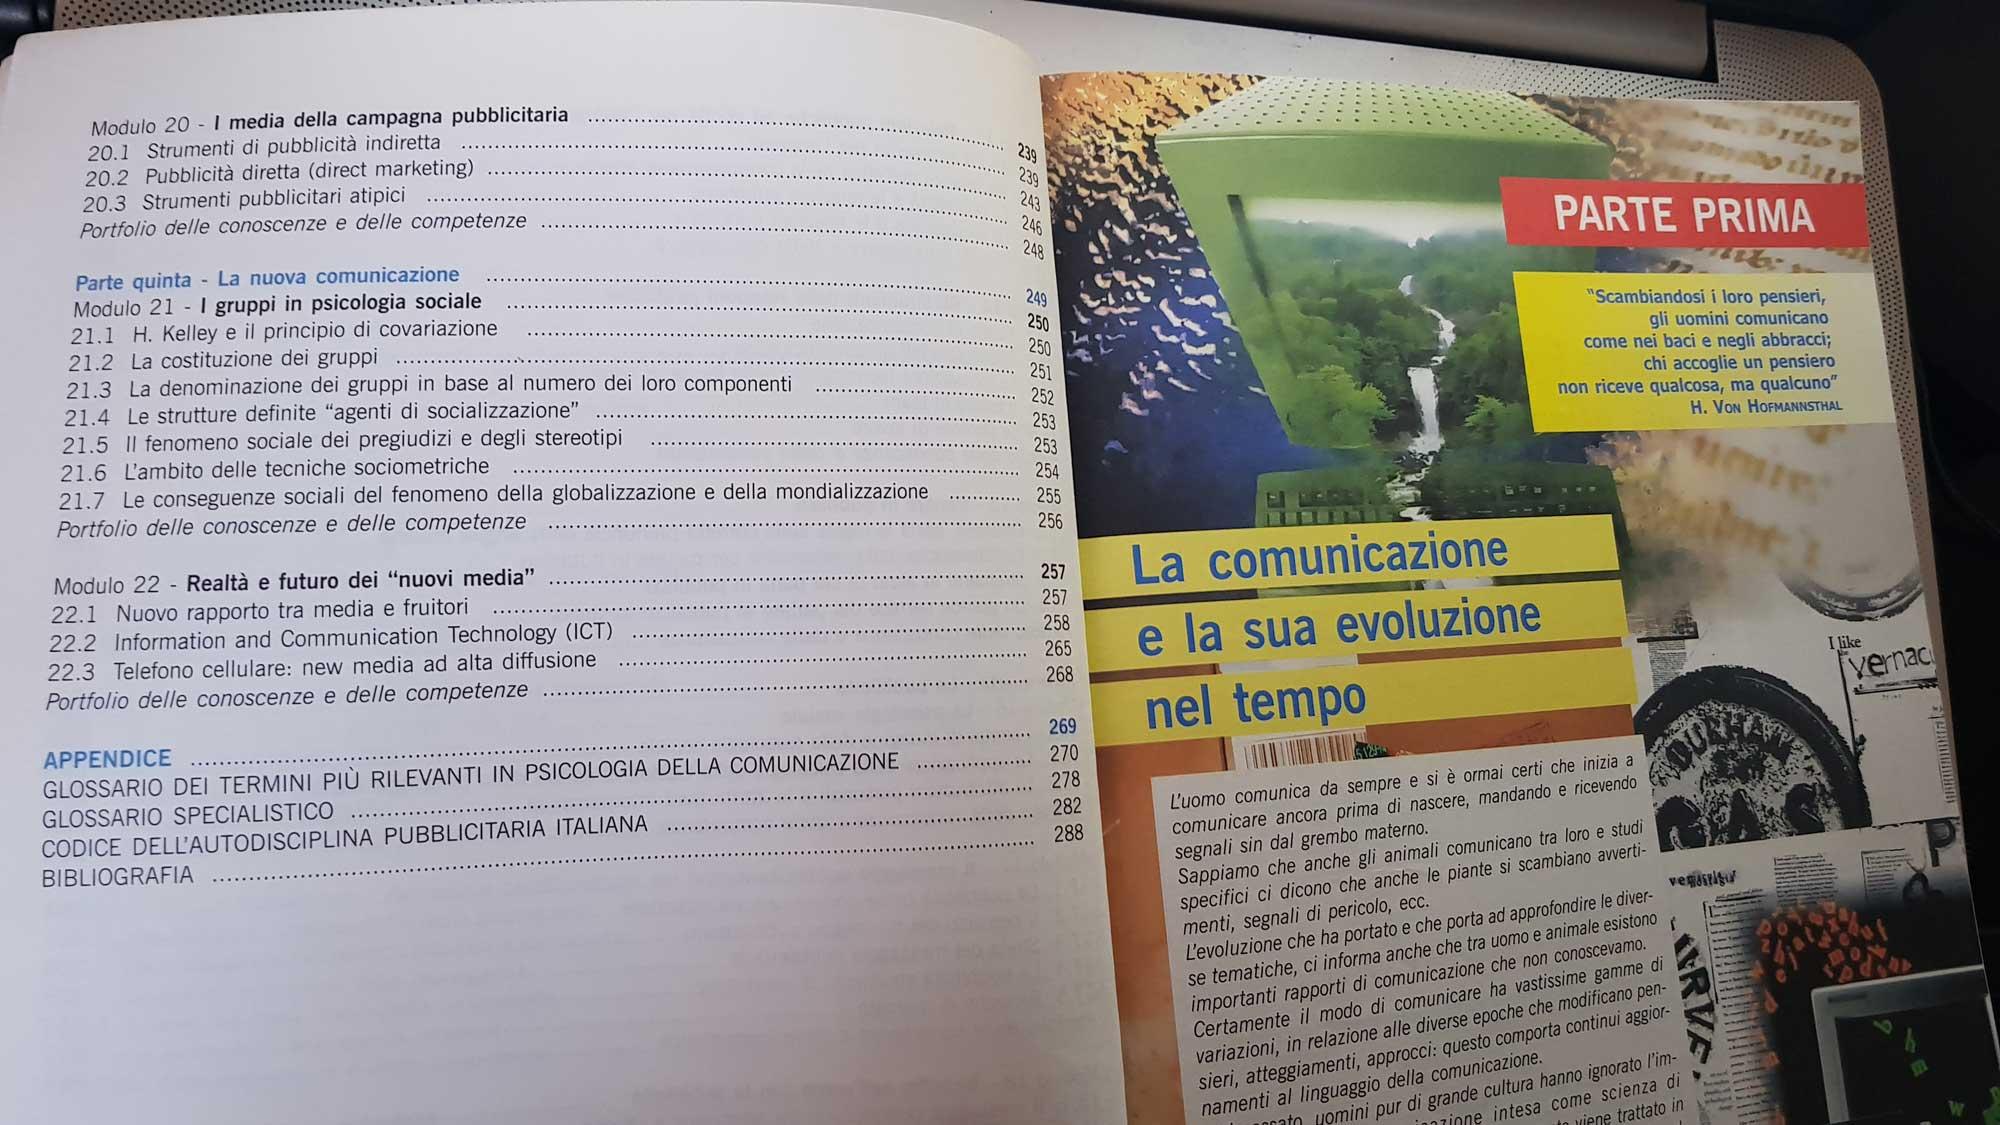 indice-libro-colombari-3